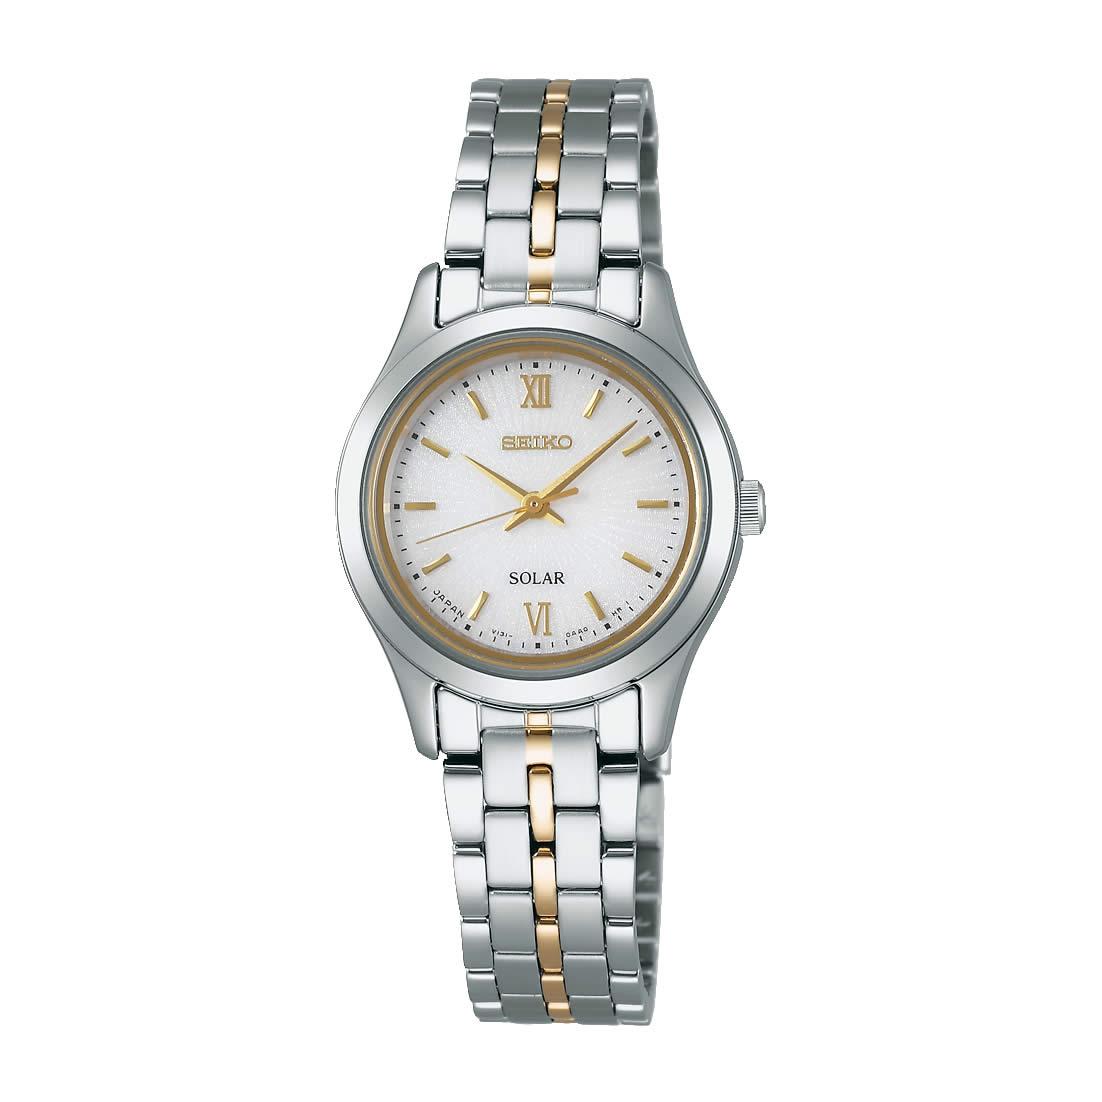 【送料無料】【国内正規品】セイコー スピリット SEIKO SPIRIT 腕時計 ソーラー レディース STPX011 100M 10気圧防水 ビジネス シンプル ソーラー腕時計 きれいめ 人気 うでどけい とけい WATCH 時計【取り寄せ】